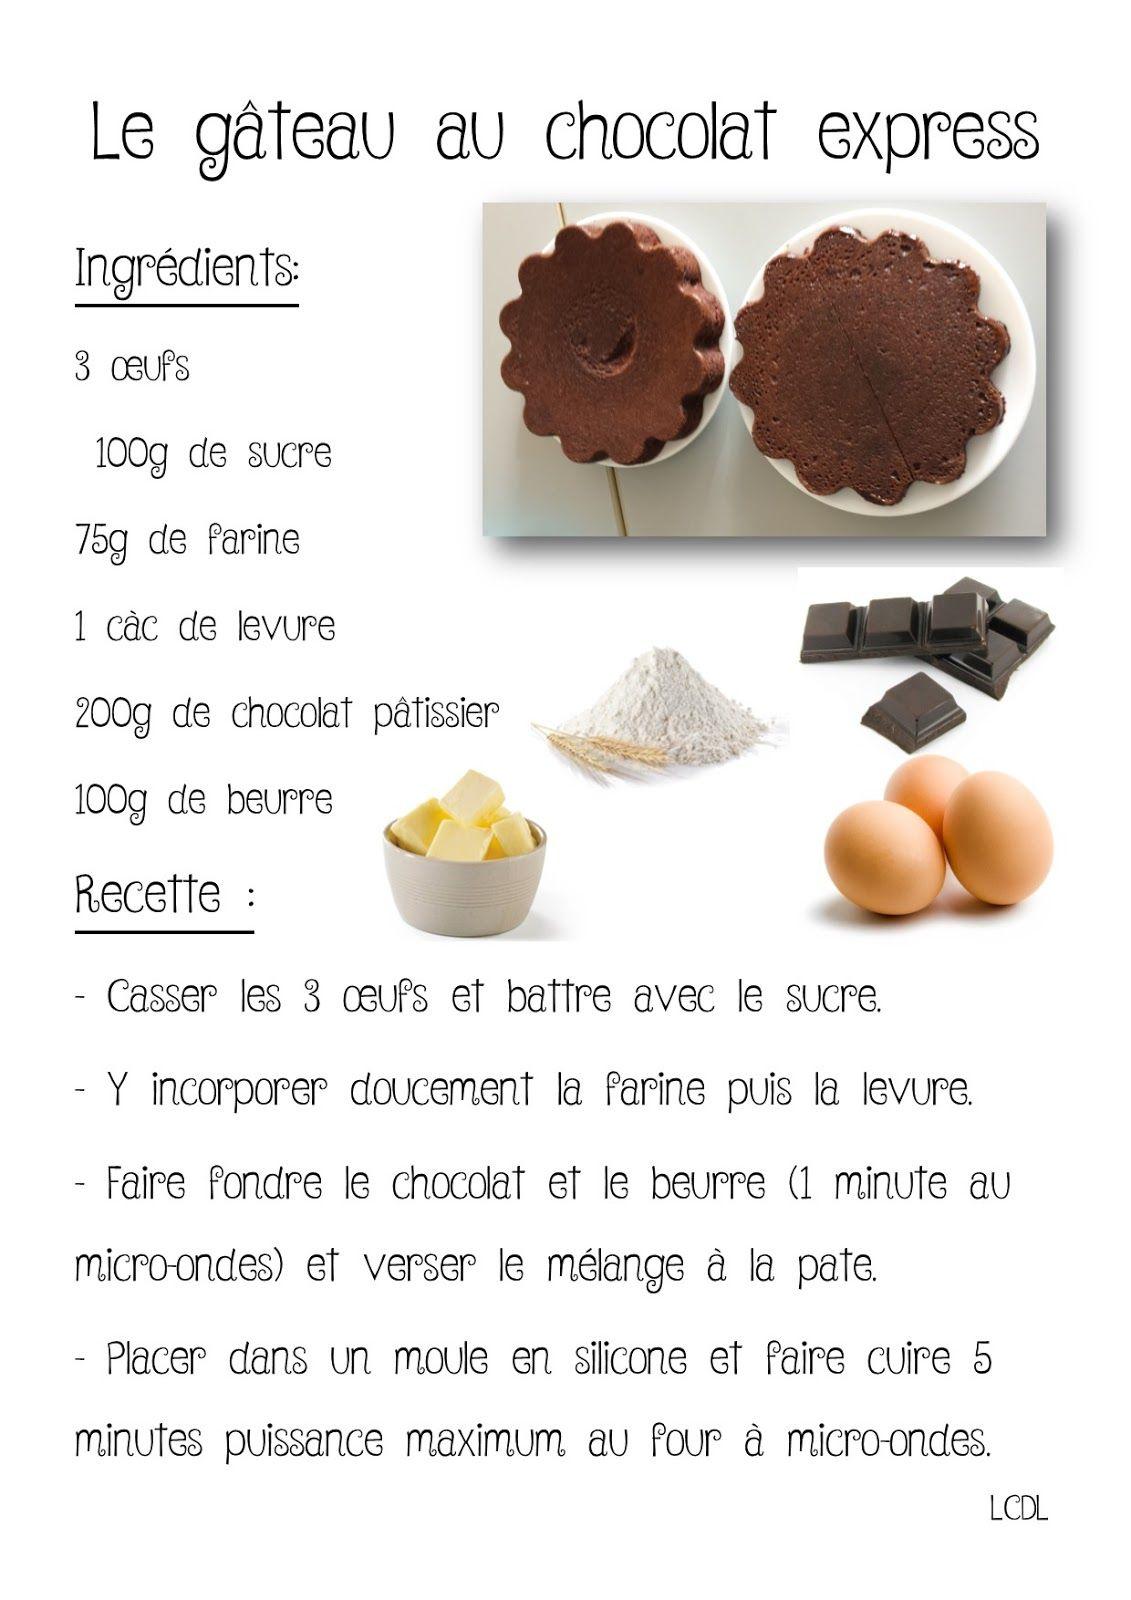 La Maternelle De Laurene Gateau Chocolat Express Micro Ondes Miam